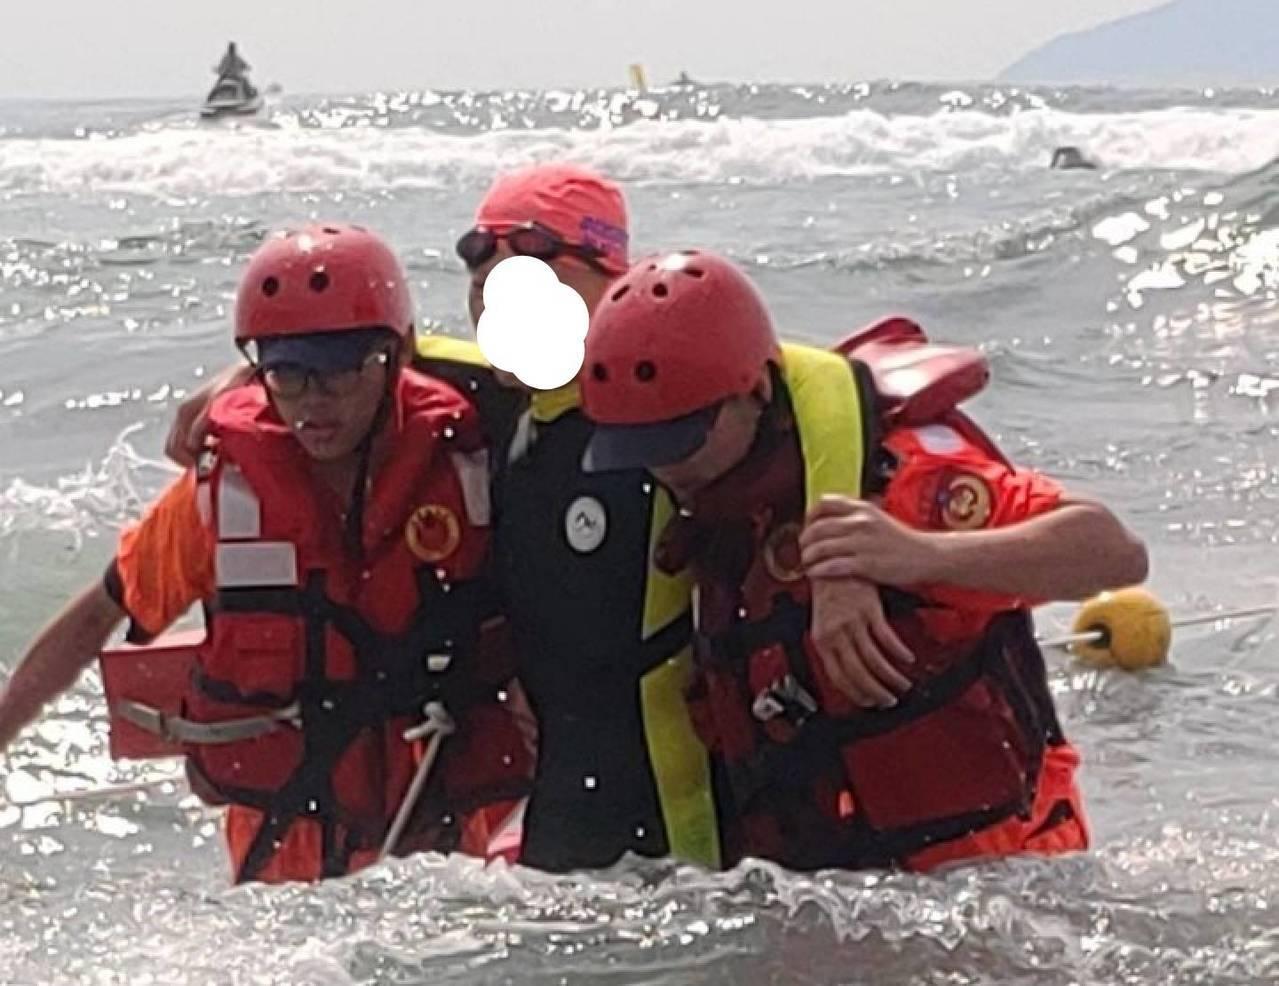 龜山島長泳遇上這種險浪,泳客隨浪浮沉,彷彿坐海上雲霄飛車,暈的暈、吐的吐被救回來...